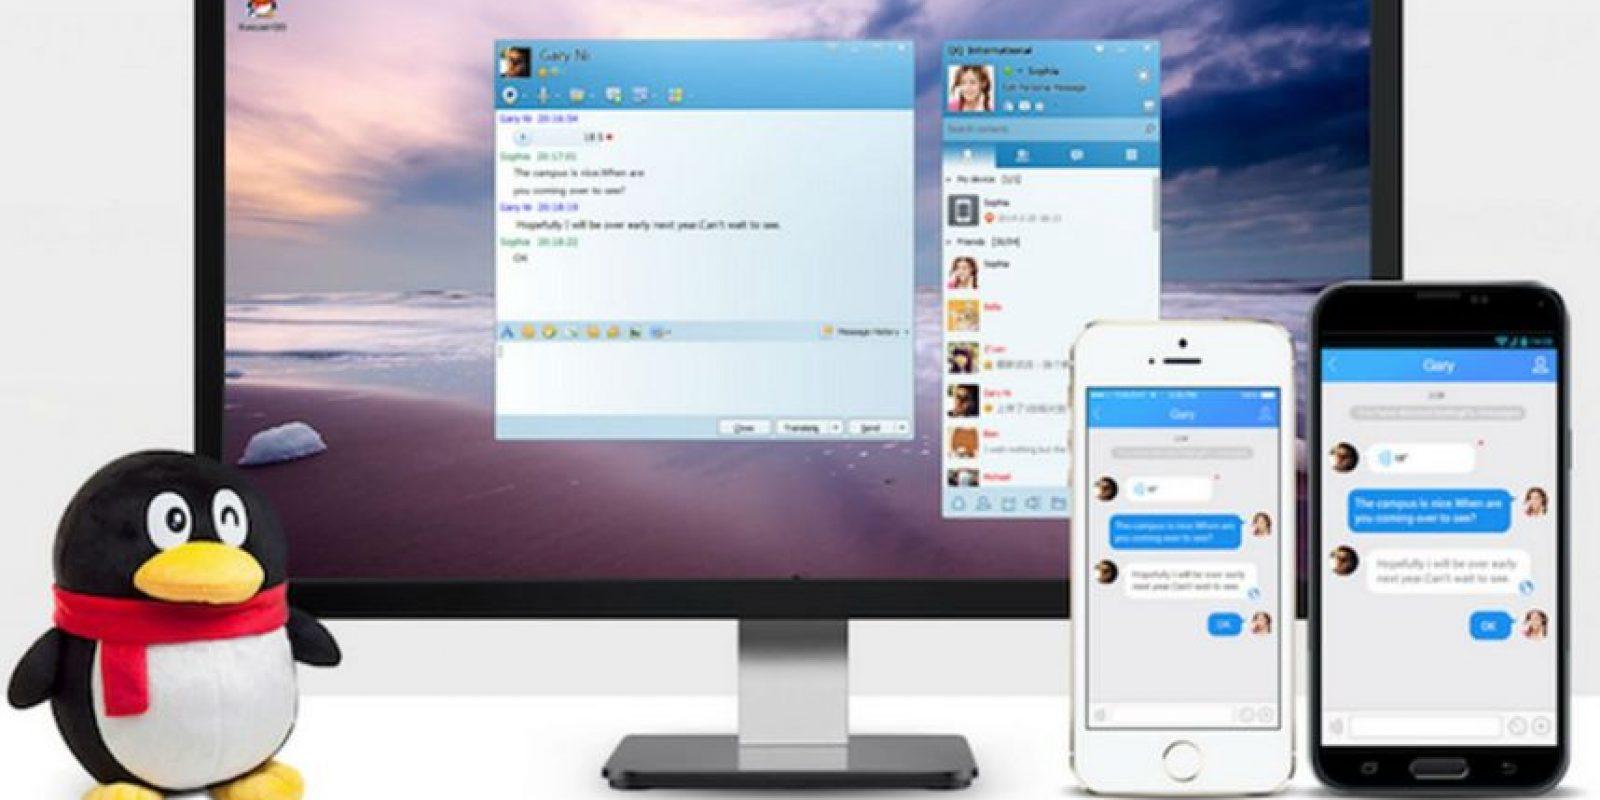 QQ International tiene 829 millones de usuarios. Foto:Tencent